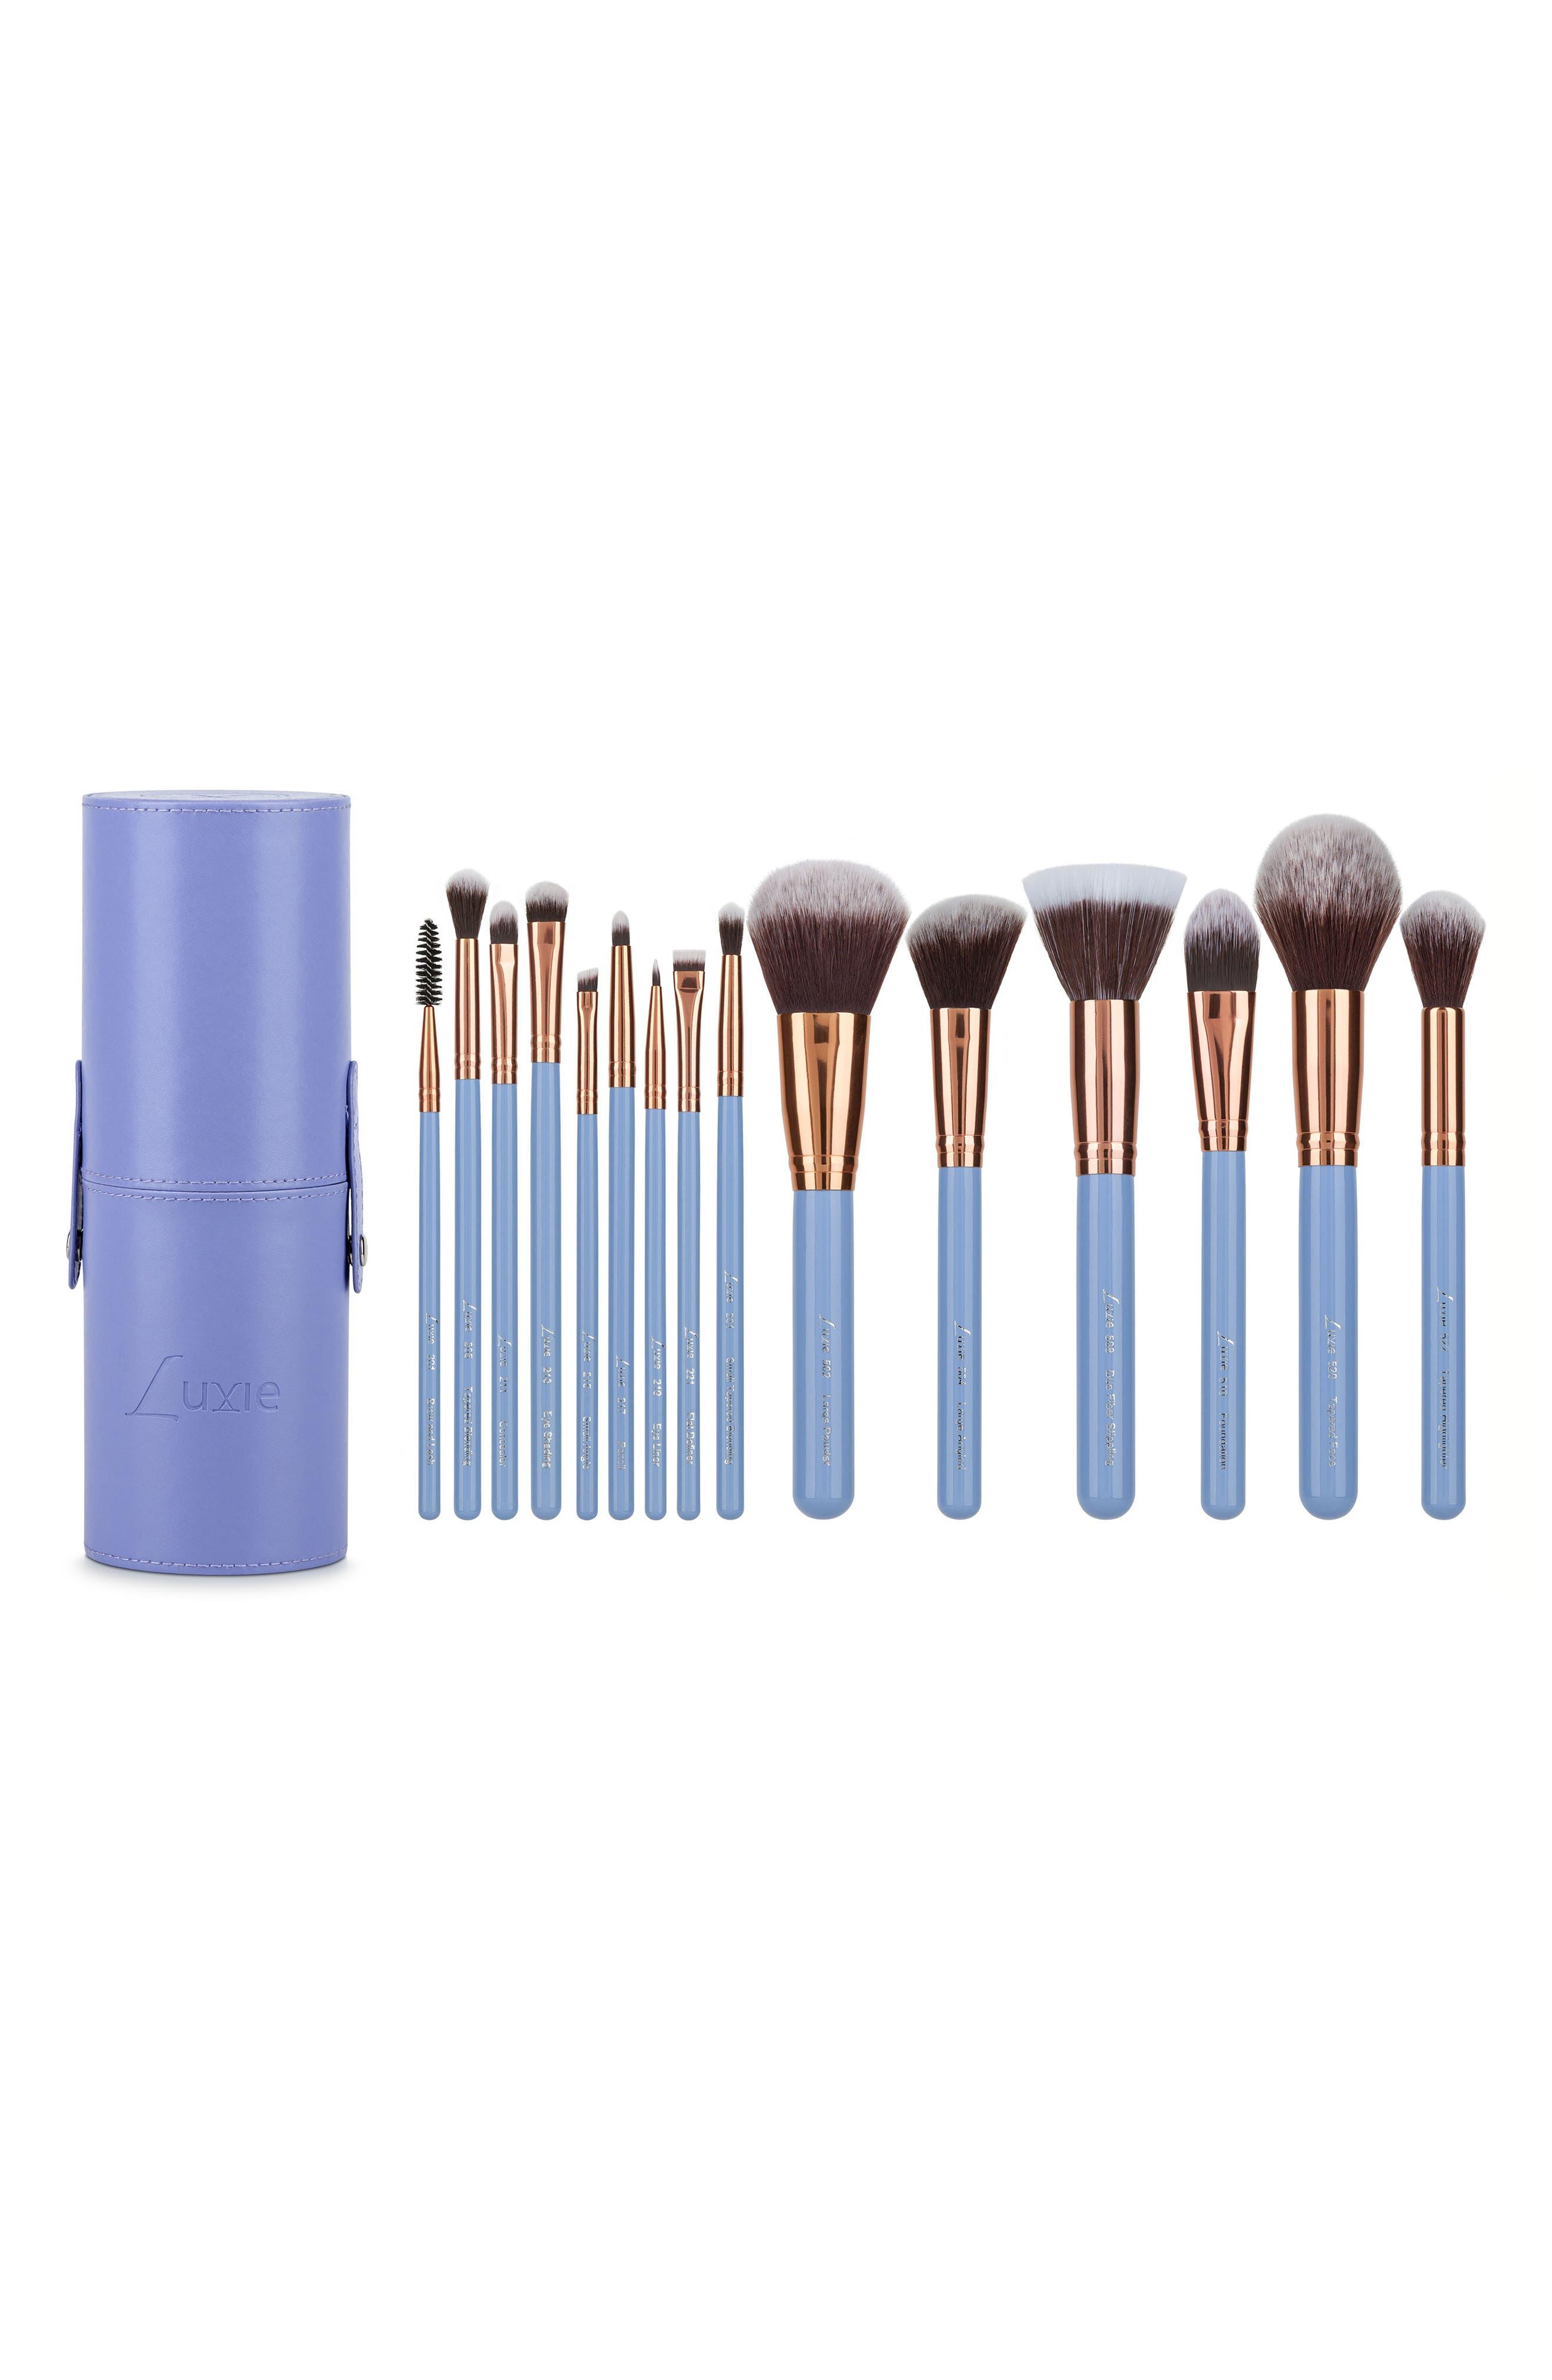 Dreamcatcher Makeup Brush Collection,                             Main thumbnail 1, color,                             No Color